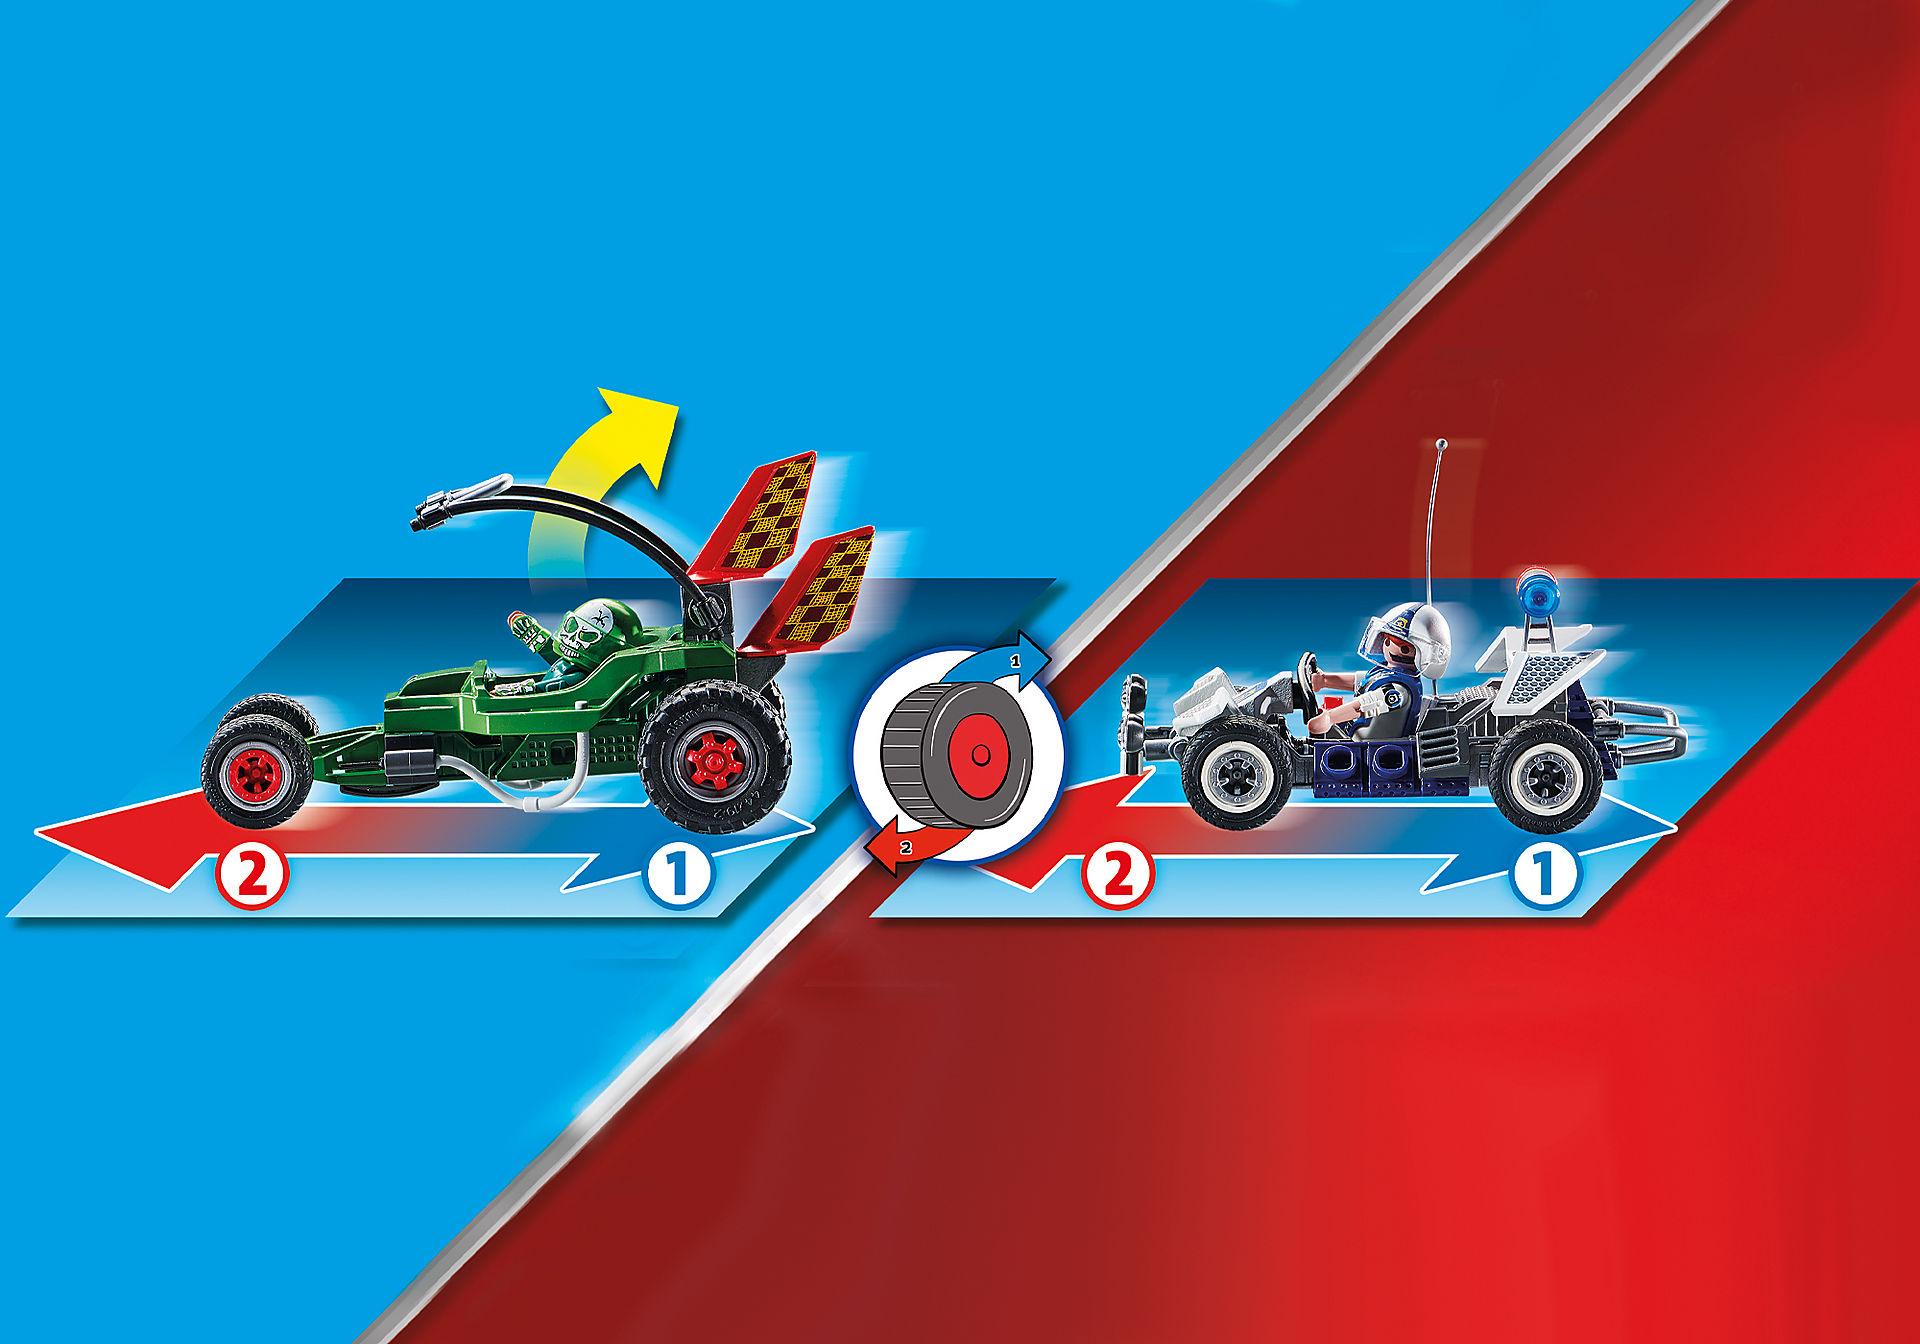 70577 Kart Policial: persecución ladrón de caja fuerte zoom image5